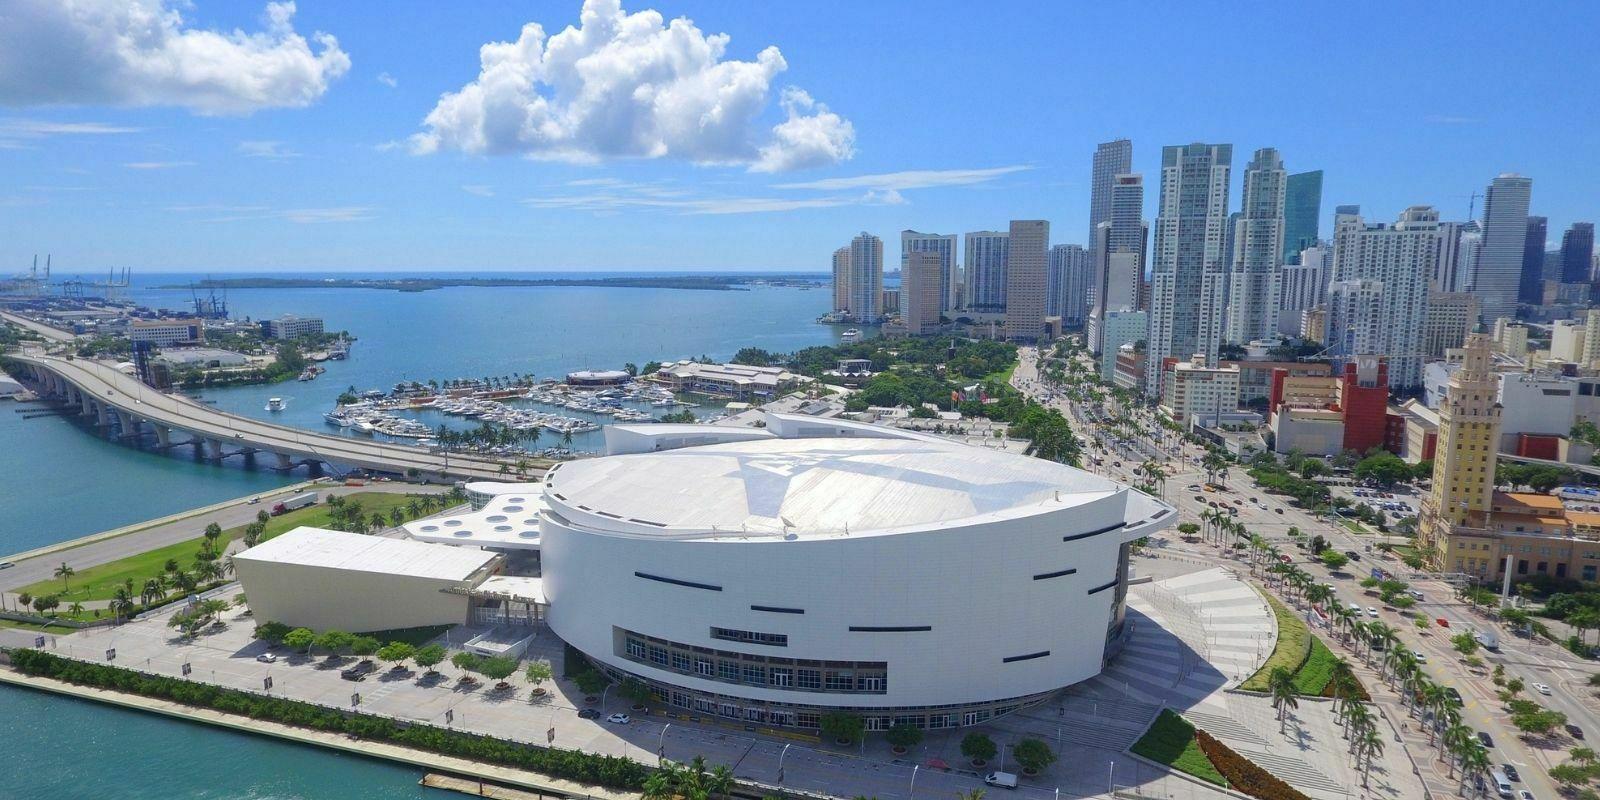 FTX est en pourparlers pour sponsoriser le stade NBA de Miami